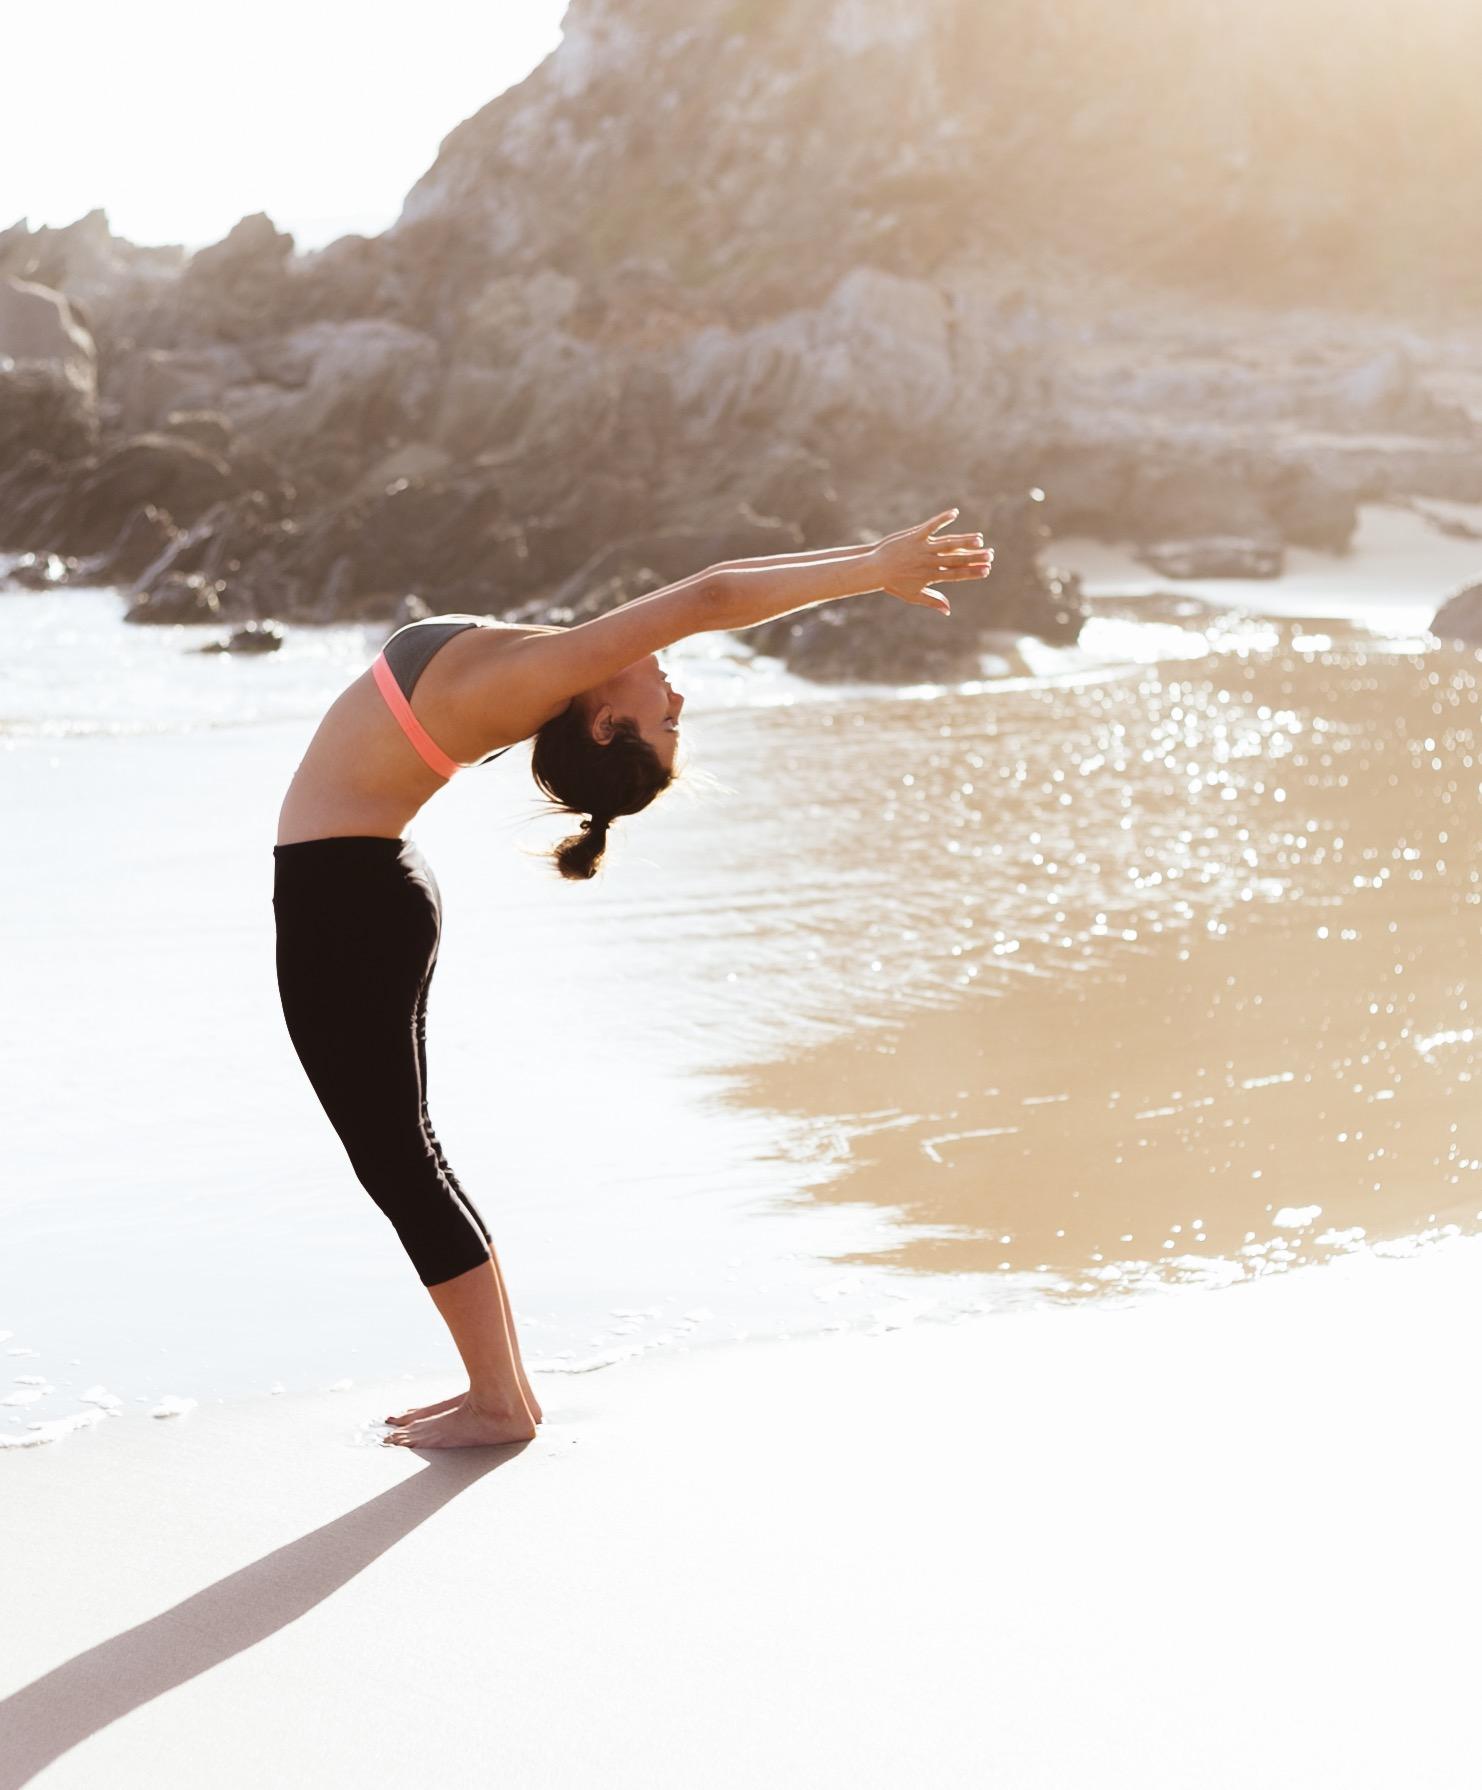 Jessica Dewar Yoga_Urdhva Dhanurasana_Drop Back Preparation.jpg